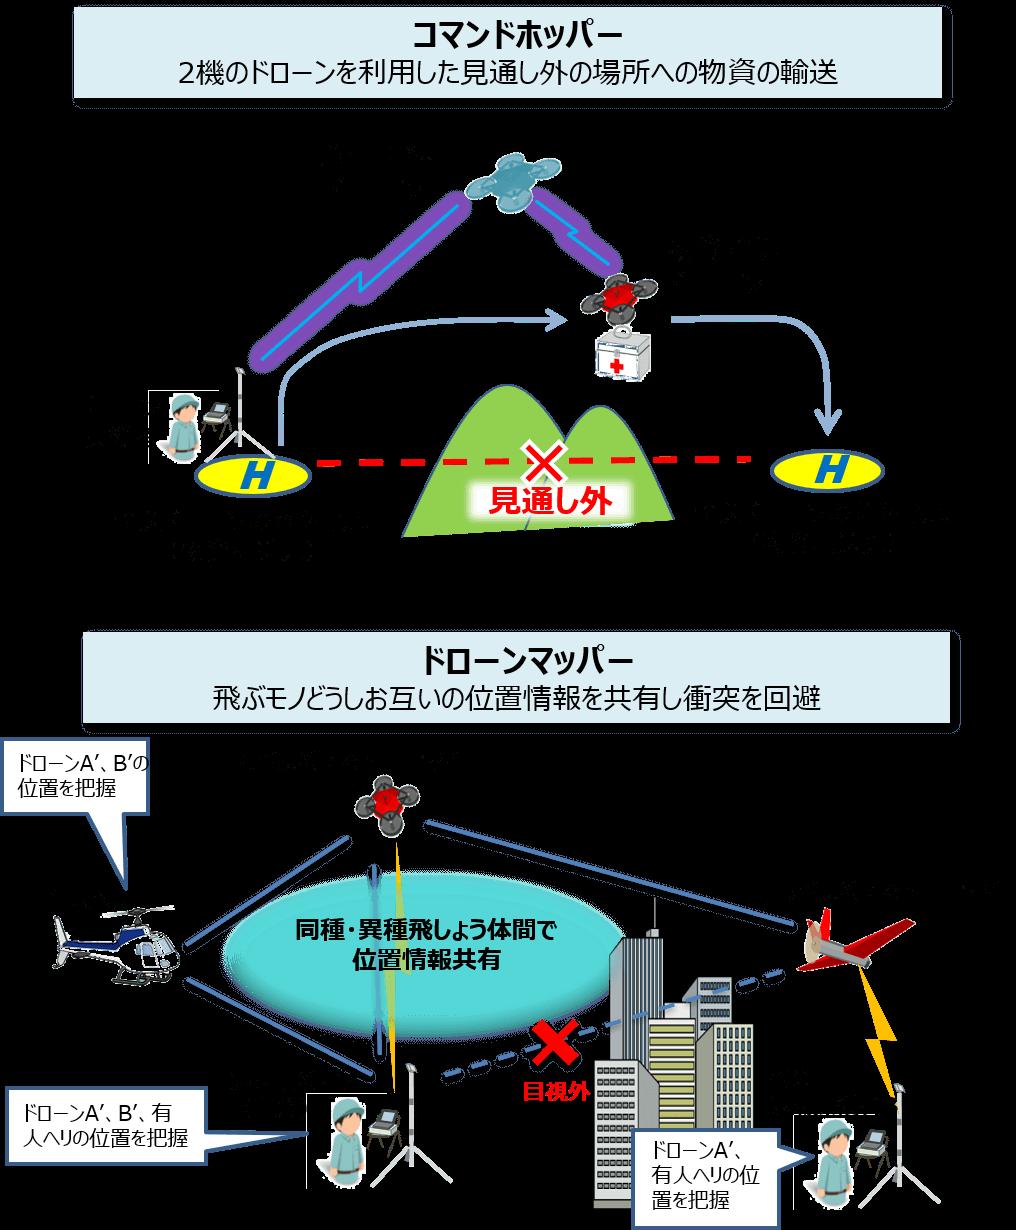 ドローン物流を支える無線技術紹介写真